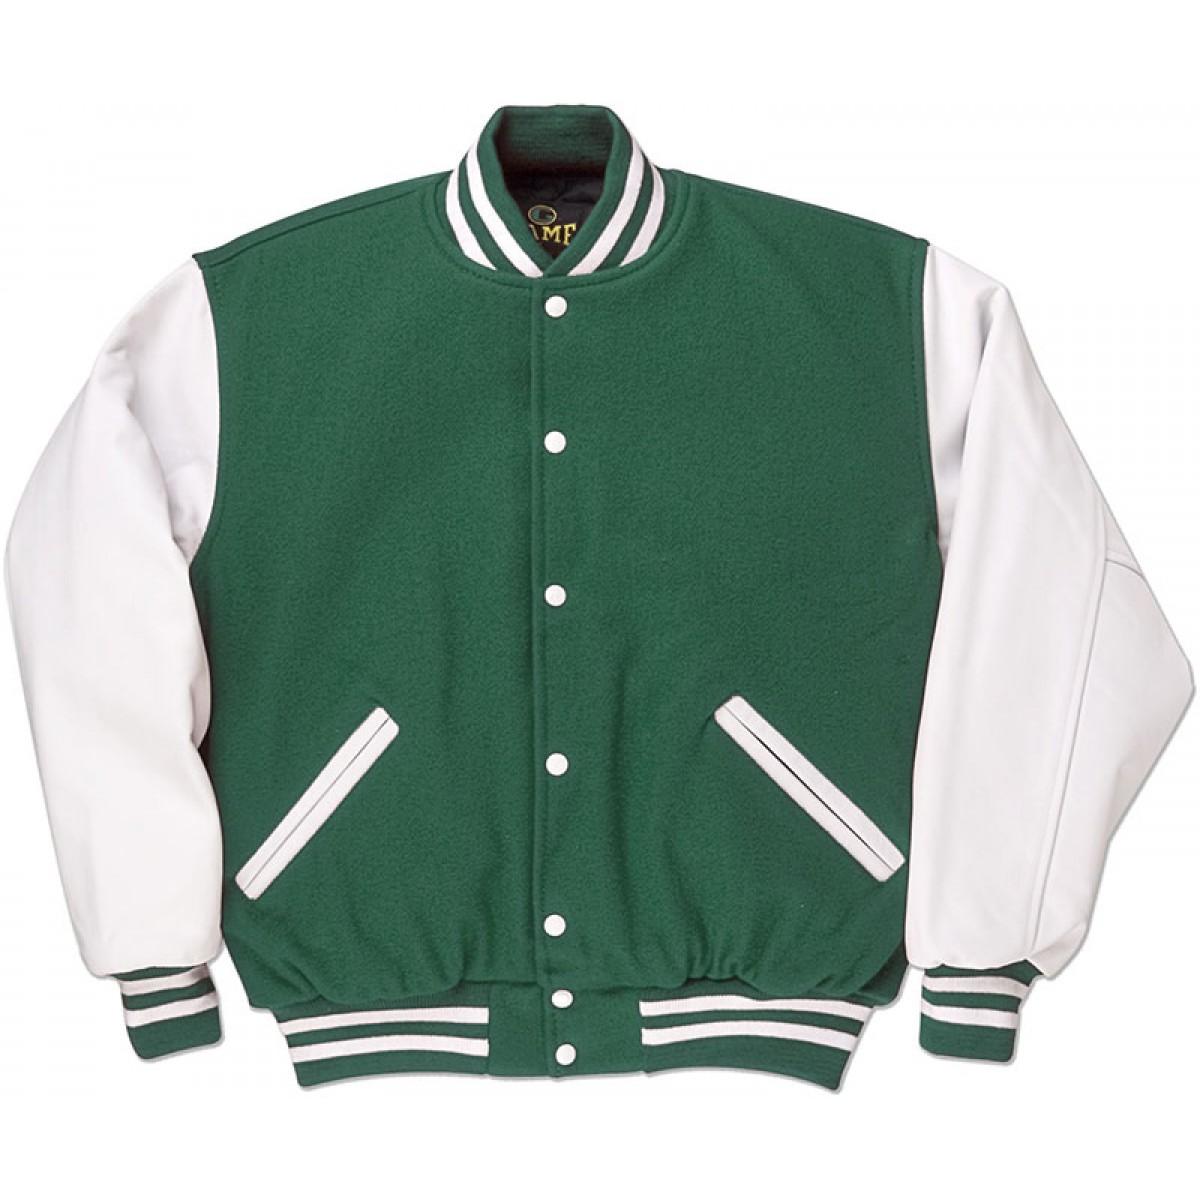 ... White Standard Letterman Jacket - Standard Jackets - Letterman Jackets